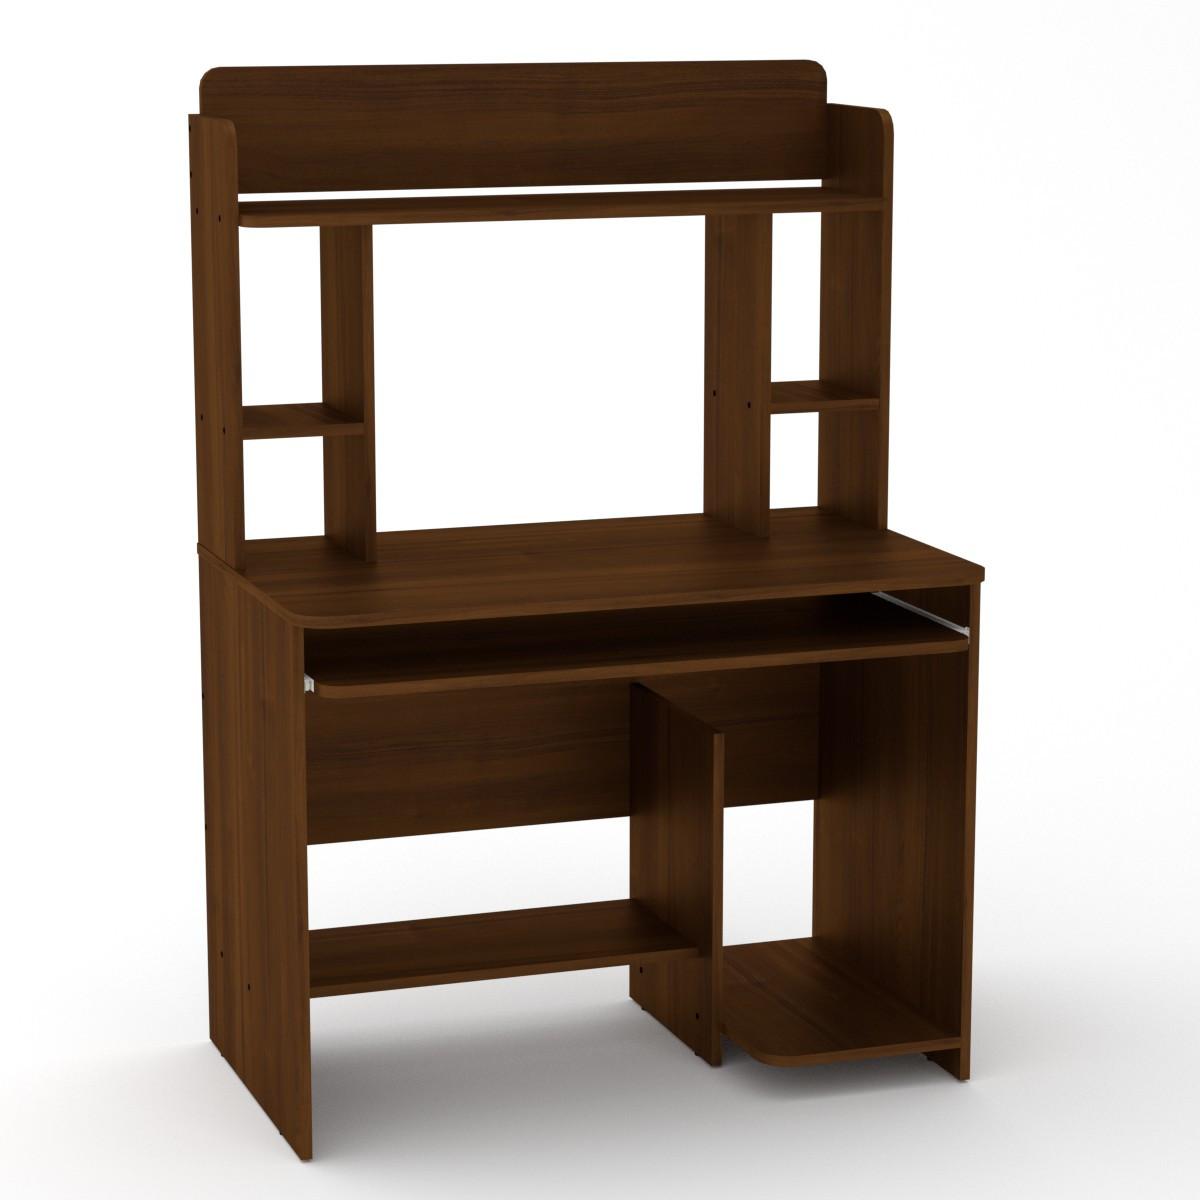 Стол компьютерный СКМ-6 орех экко Компанит (100х60х144 см)